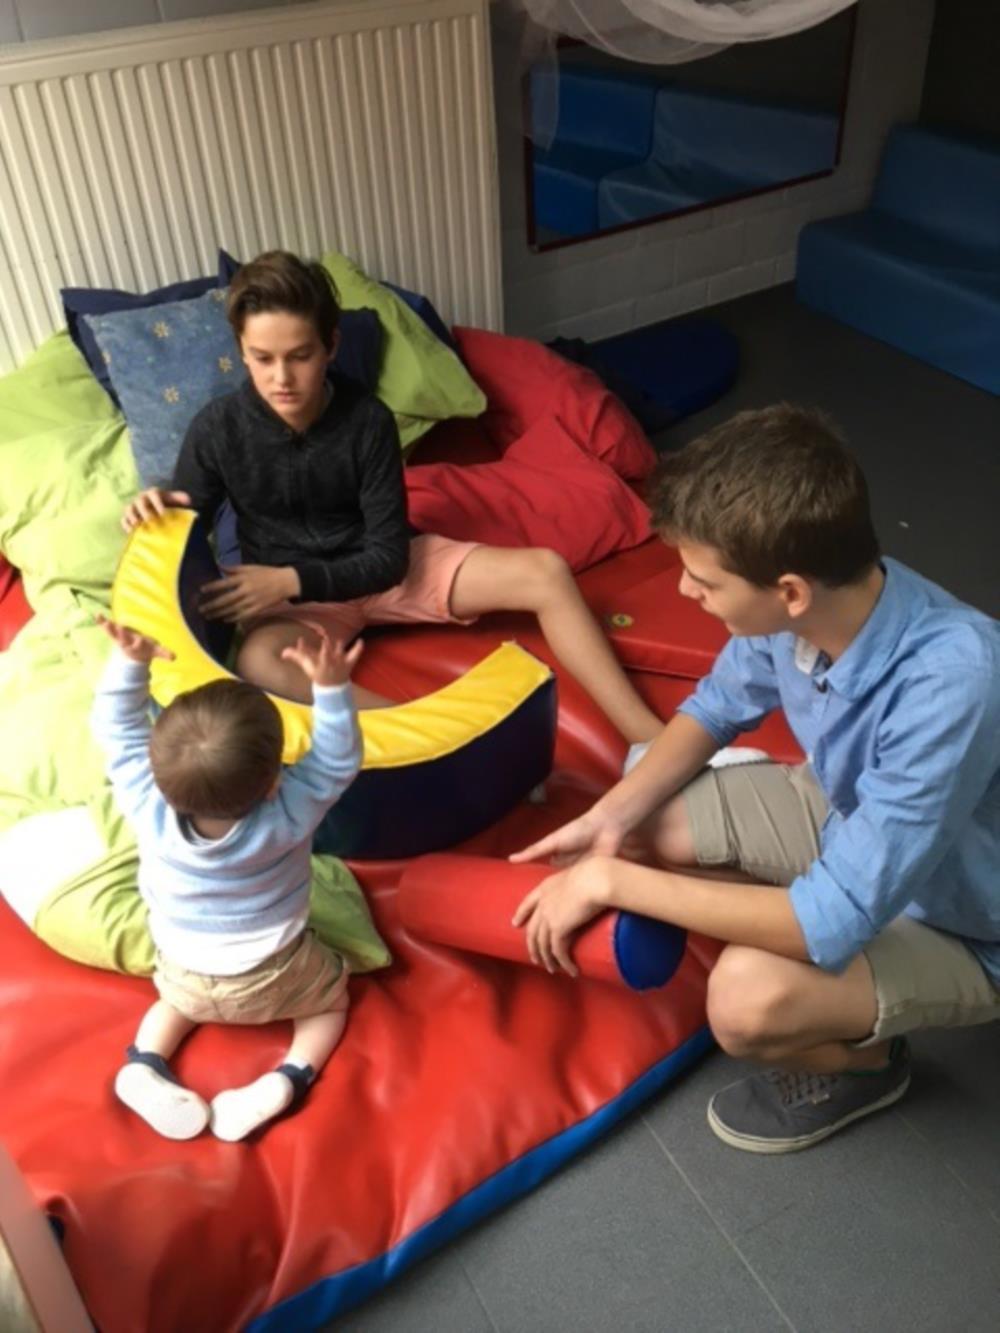 Bezoek kinderdagverblijf Pietje Pek